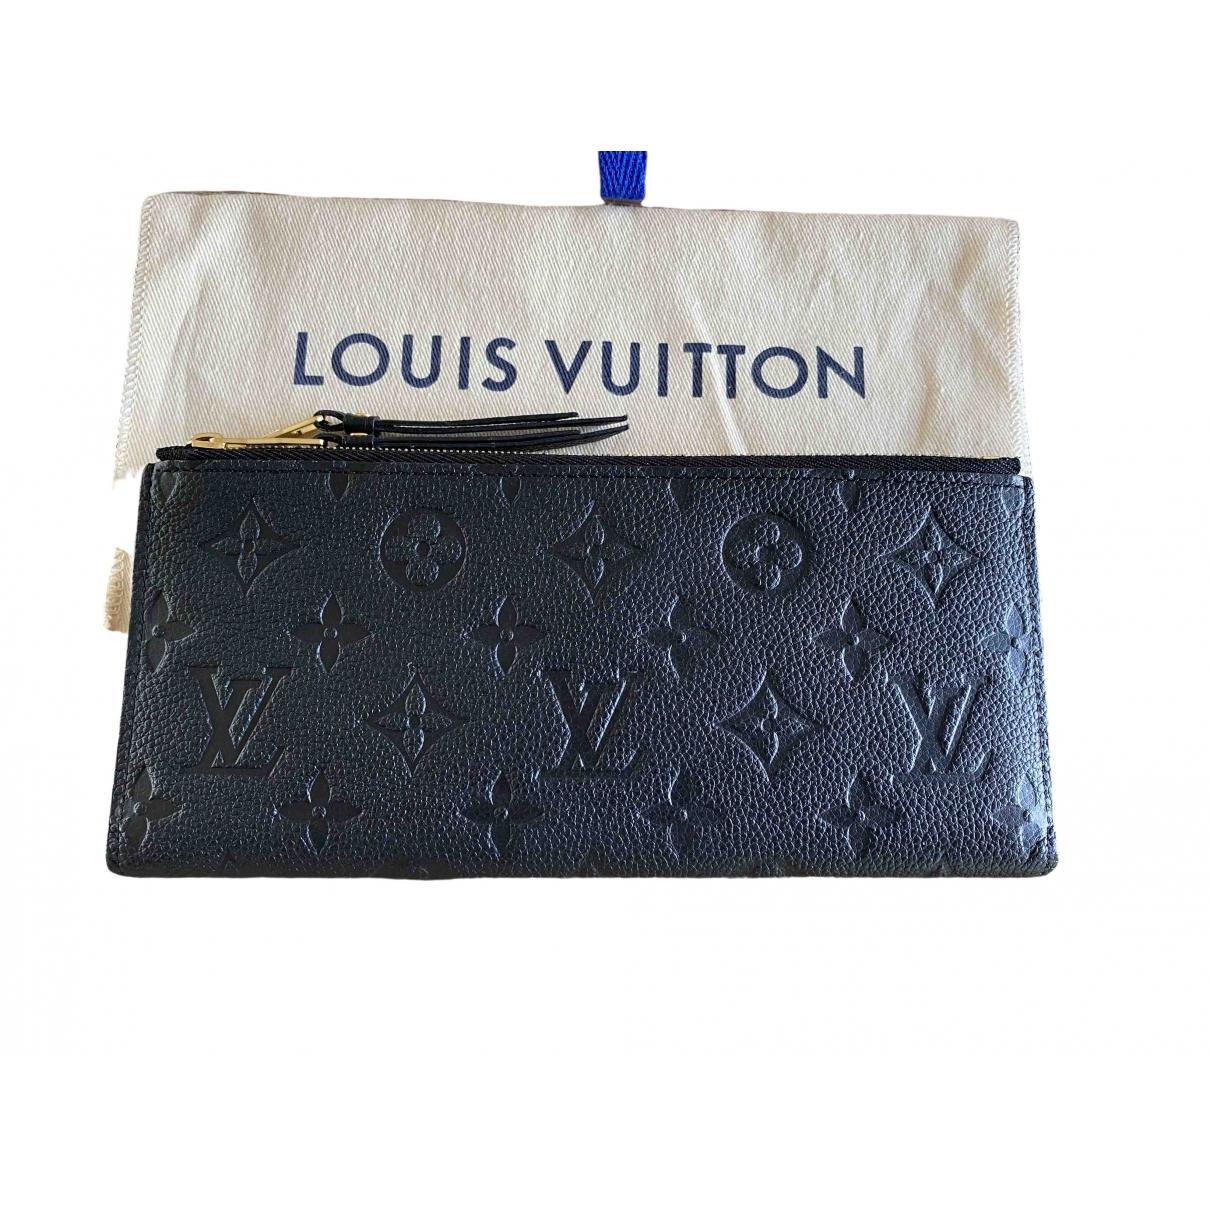 Louis Vuitton Adele Portemonnaie in  Schwarz Leder